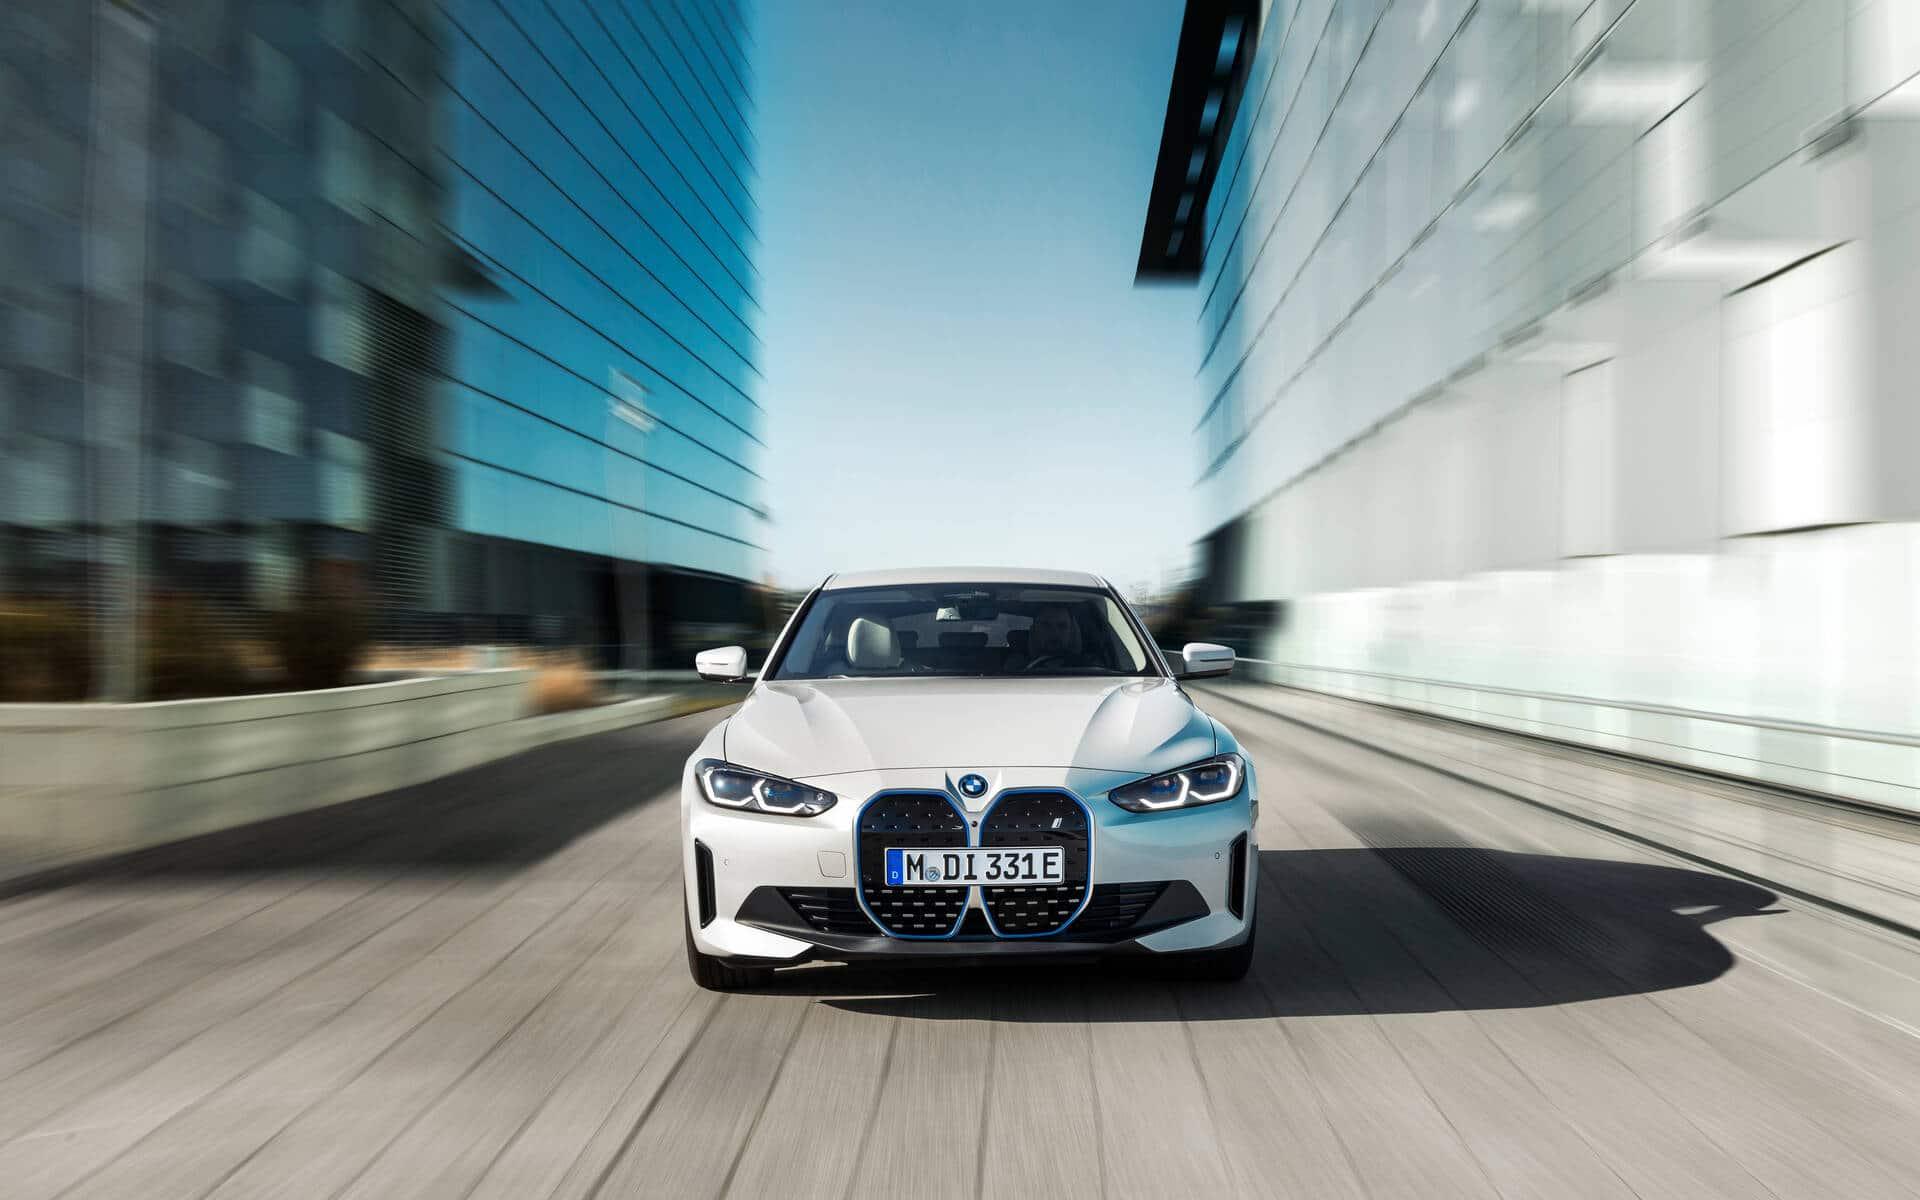 La BMW i4 M50 offre 536 chevaux. Source: www.guideauto.ca